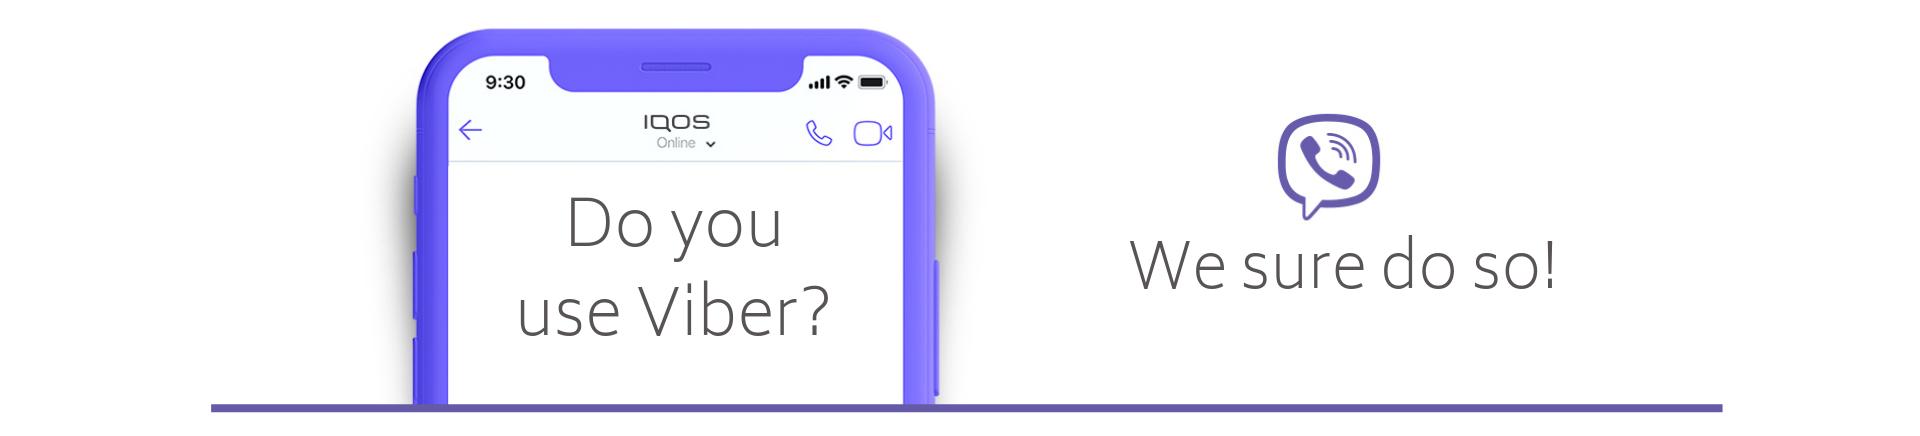 Η ομάδα του IQOS Care είναι στο Viber